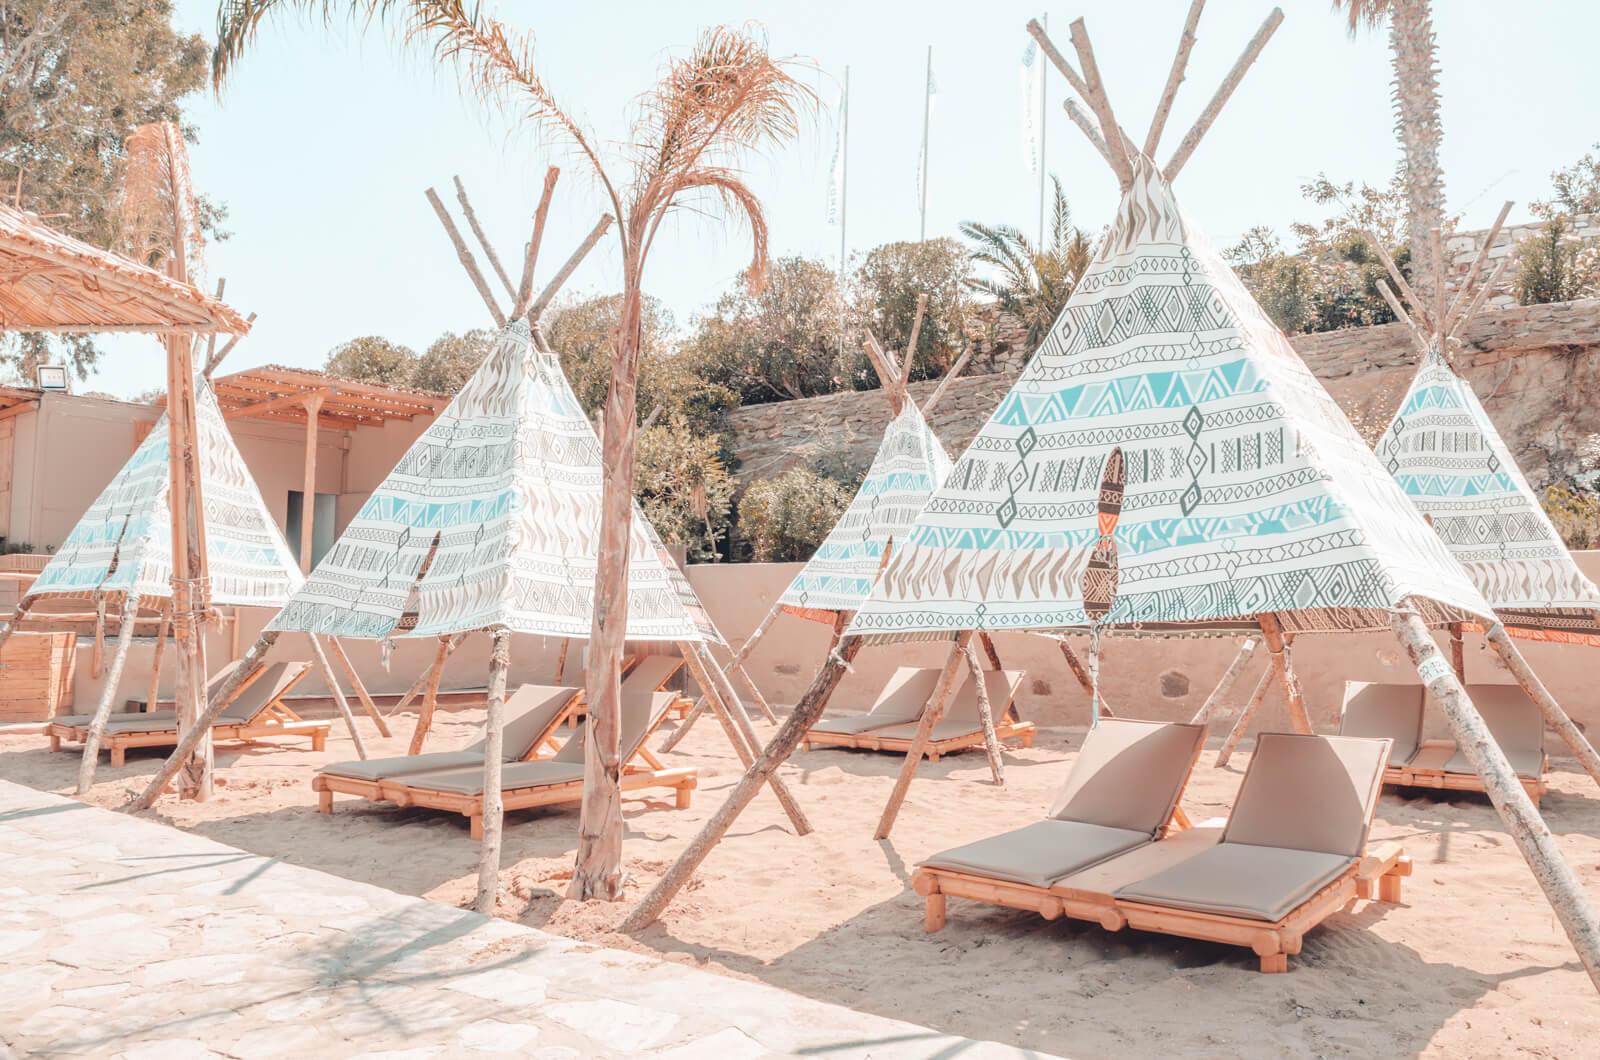 paros-cyclades-greece-la-vie-en-blog-all-rights-reserved-143